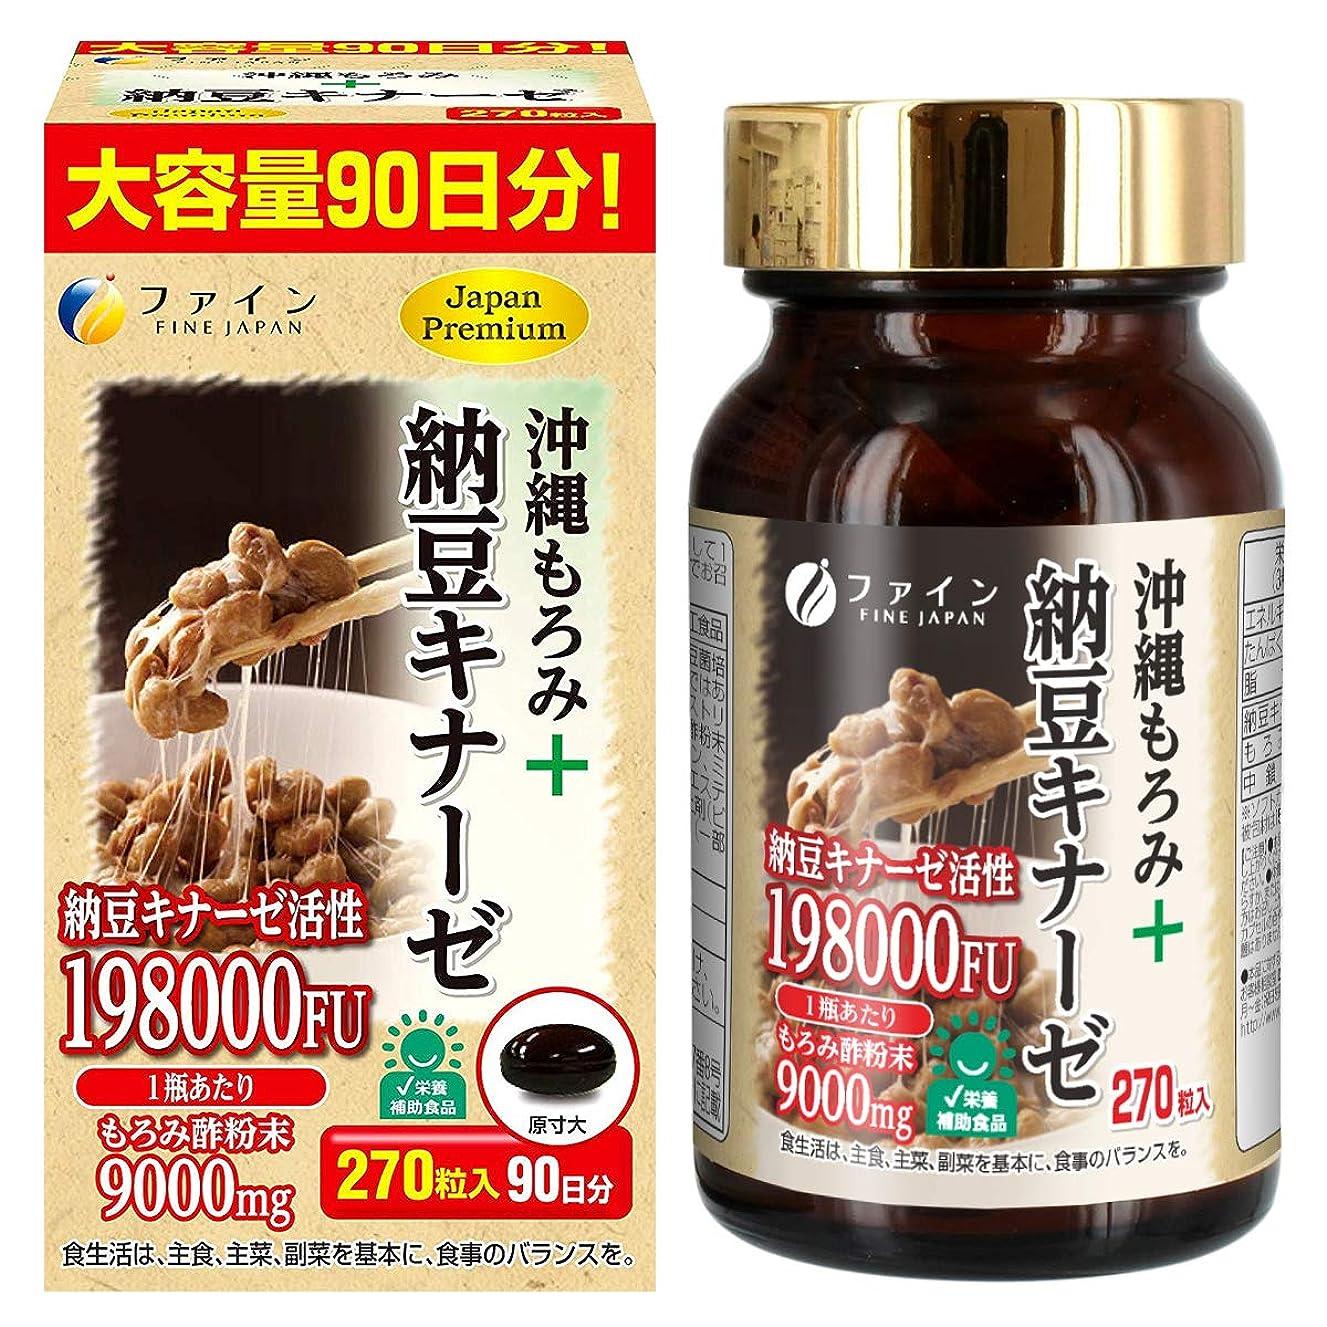 マウスピース高尚なグレードファイン 沖縄もろみ+納豆キナーゼ ナットウキナーゼ活性2,200FU 中鎖脂肪酸配合 大容量 90日分(1日3粒/270粒入)